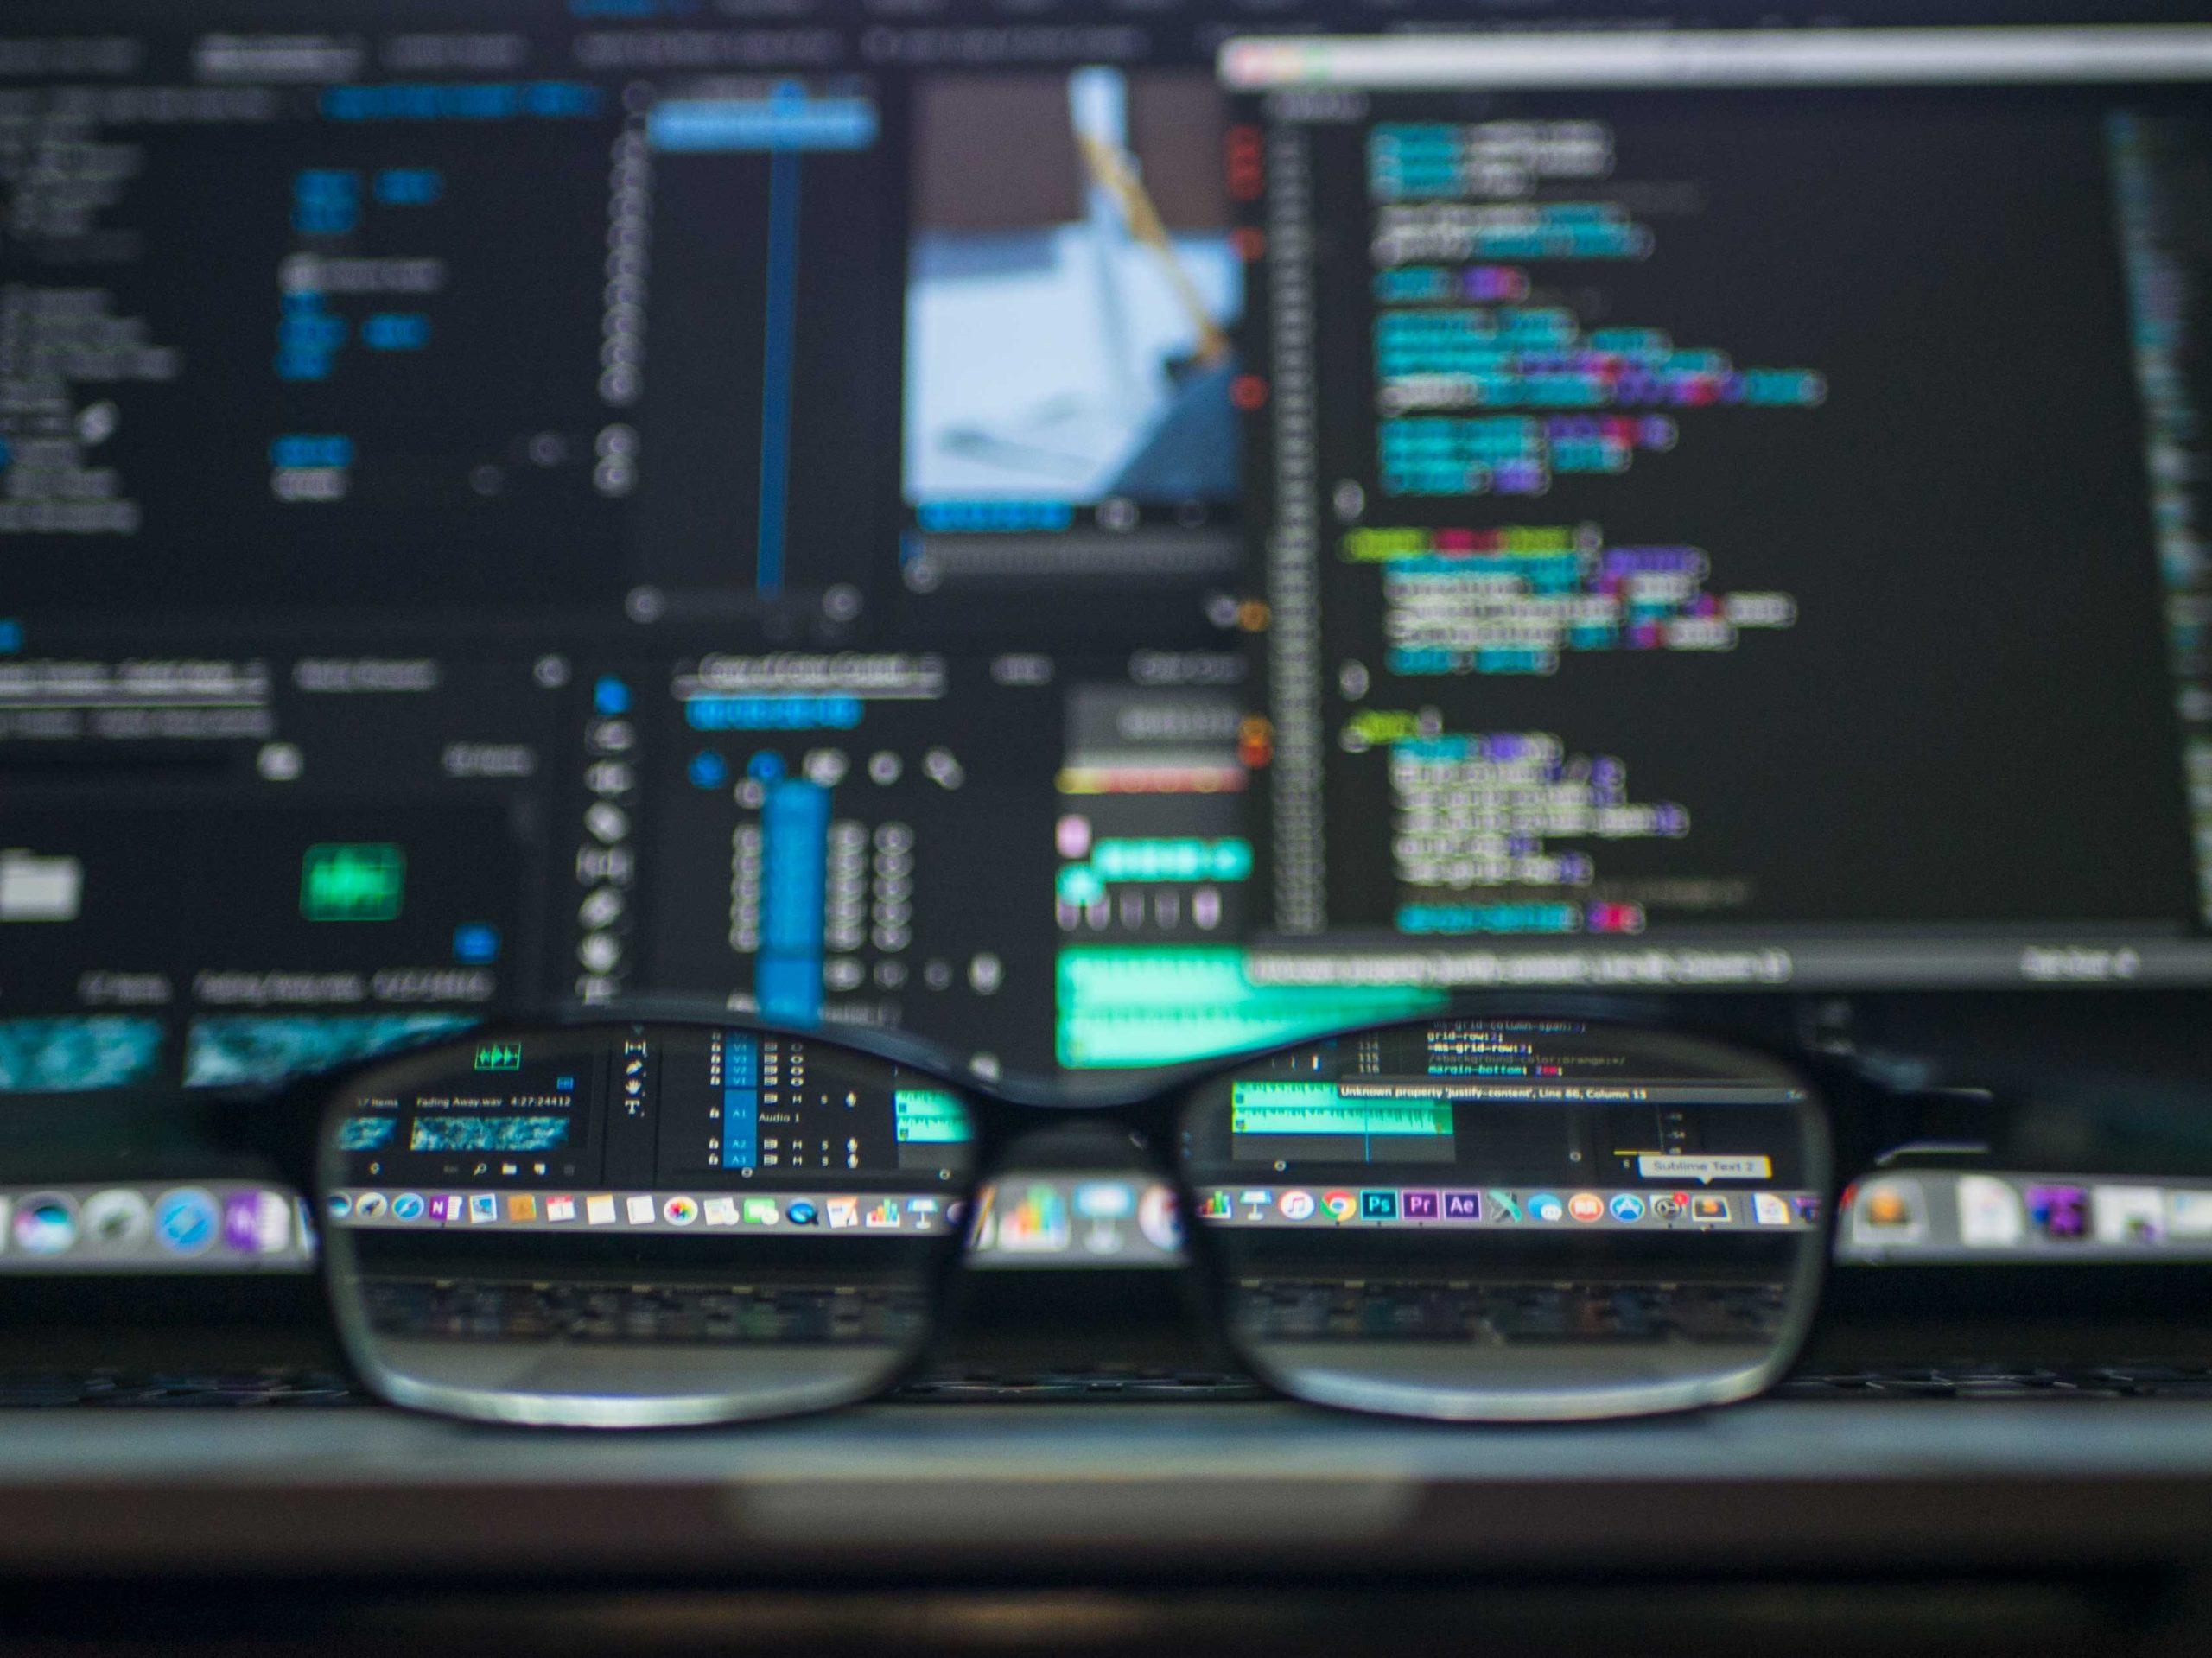 Cybersécurité : les malwares se multiplient pendant le confinement